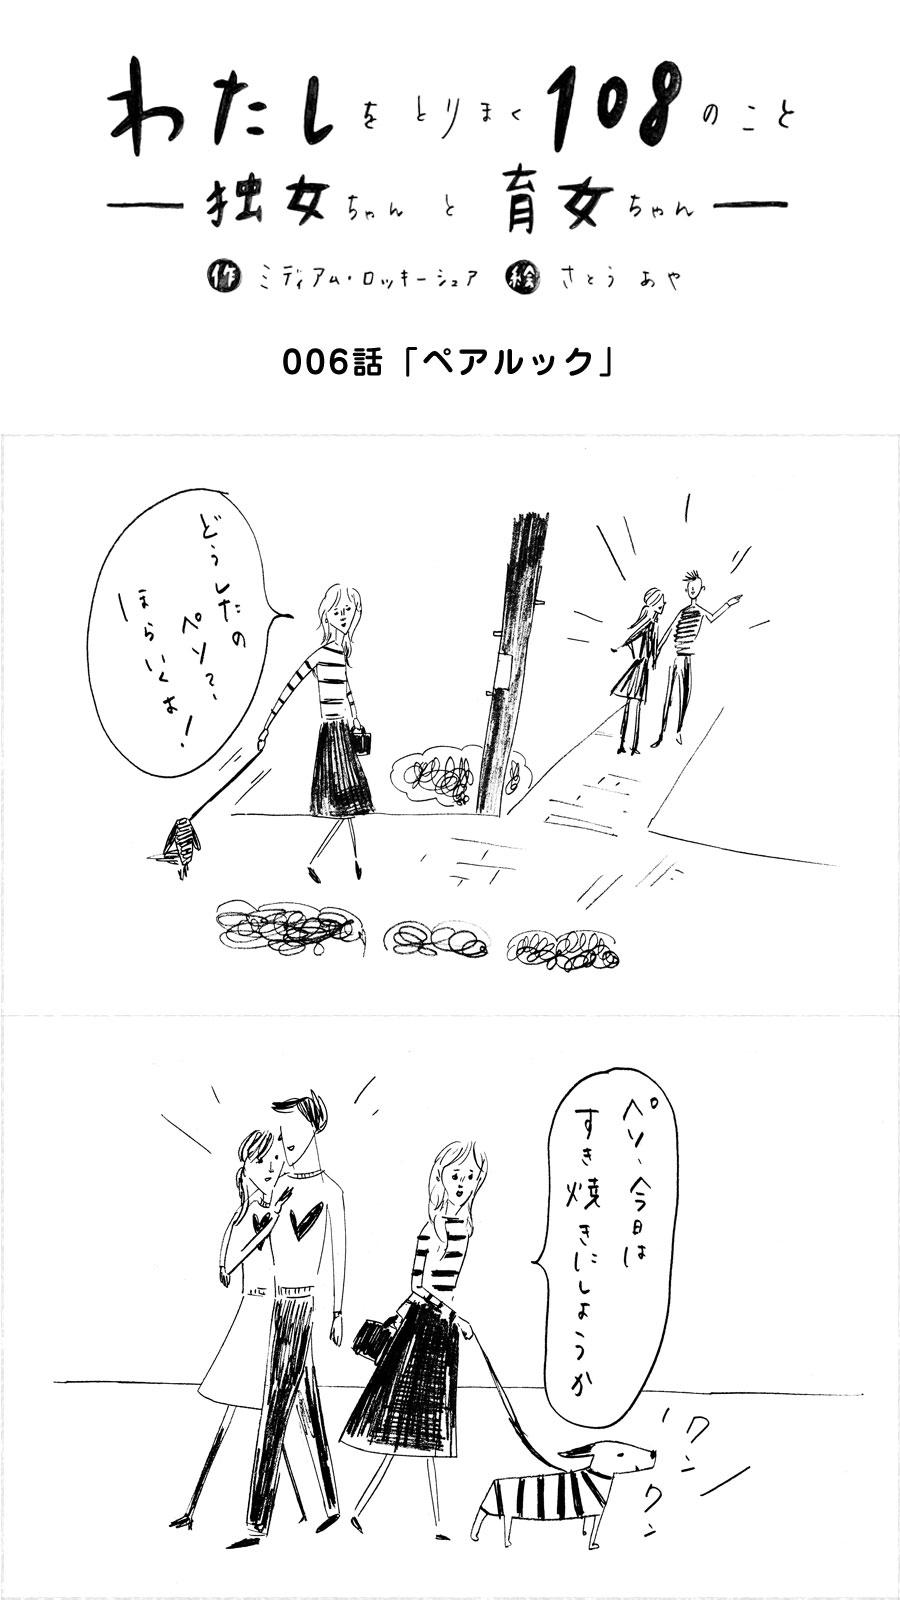 006_独女ちゃん_ペアルック_003